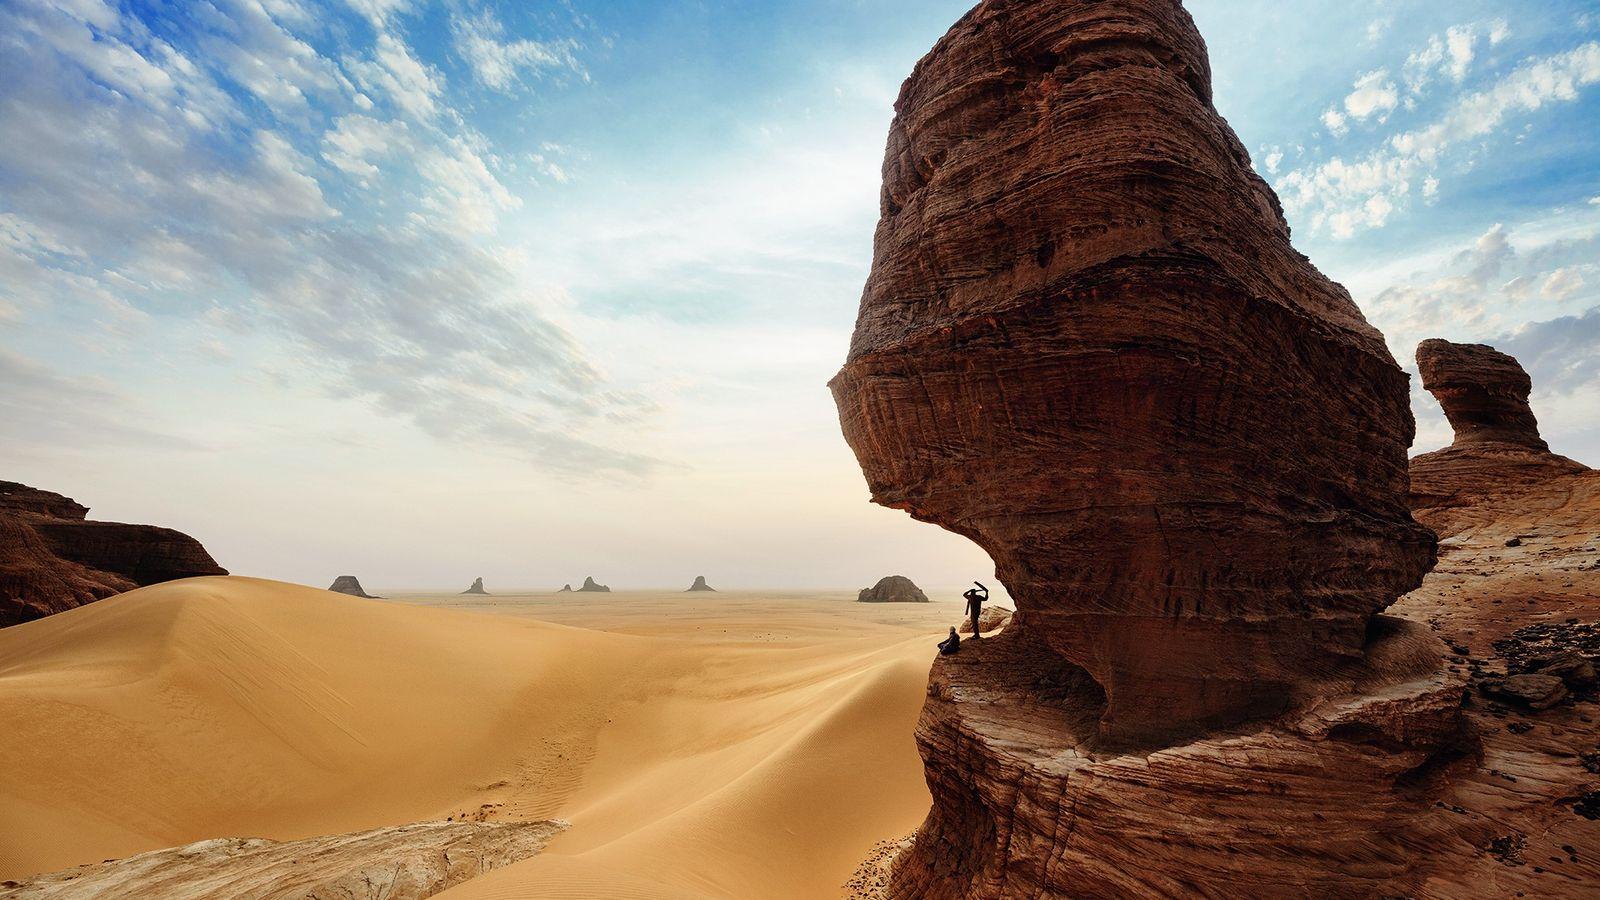 Réserve de l'Ennedi, Tchad. Dans une région isolée du nord-est du Sahara, les tours de grès ...